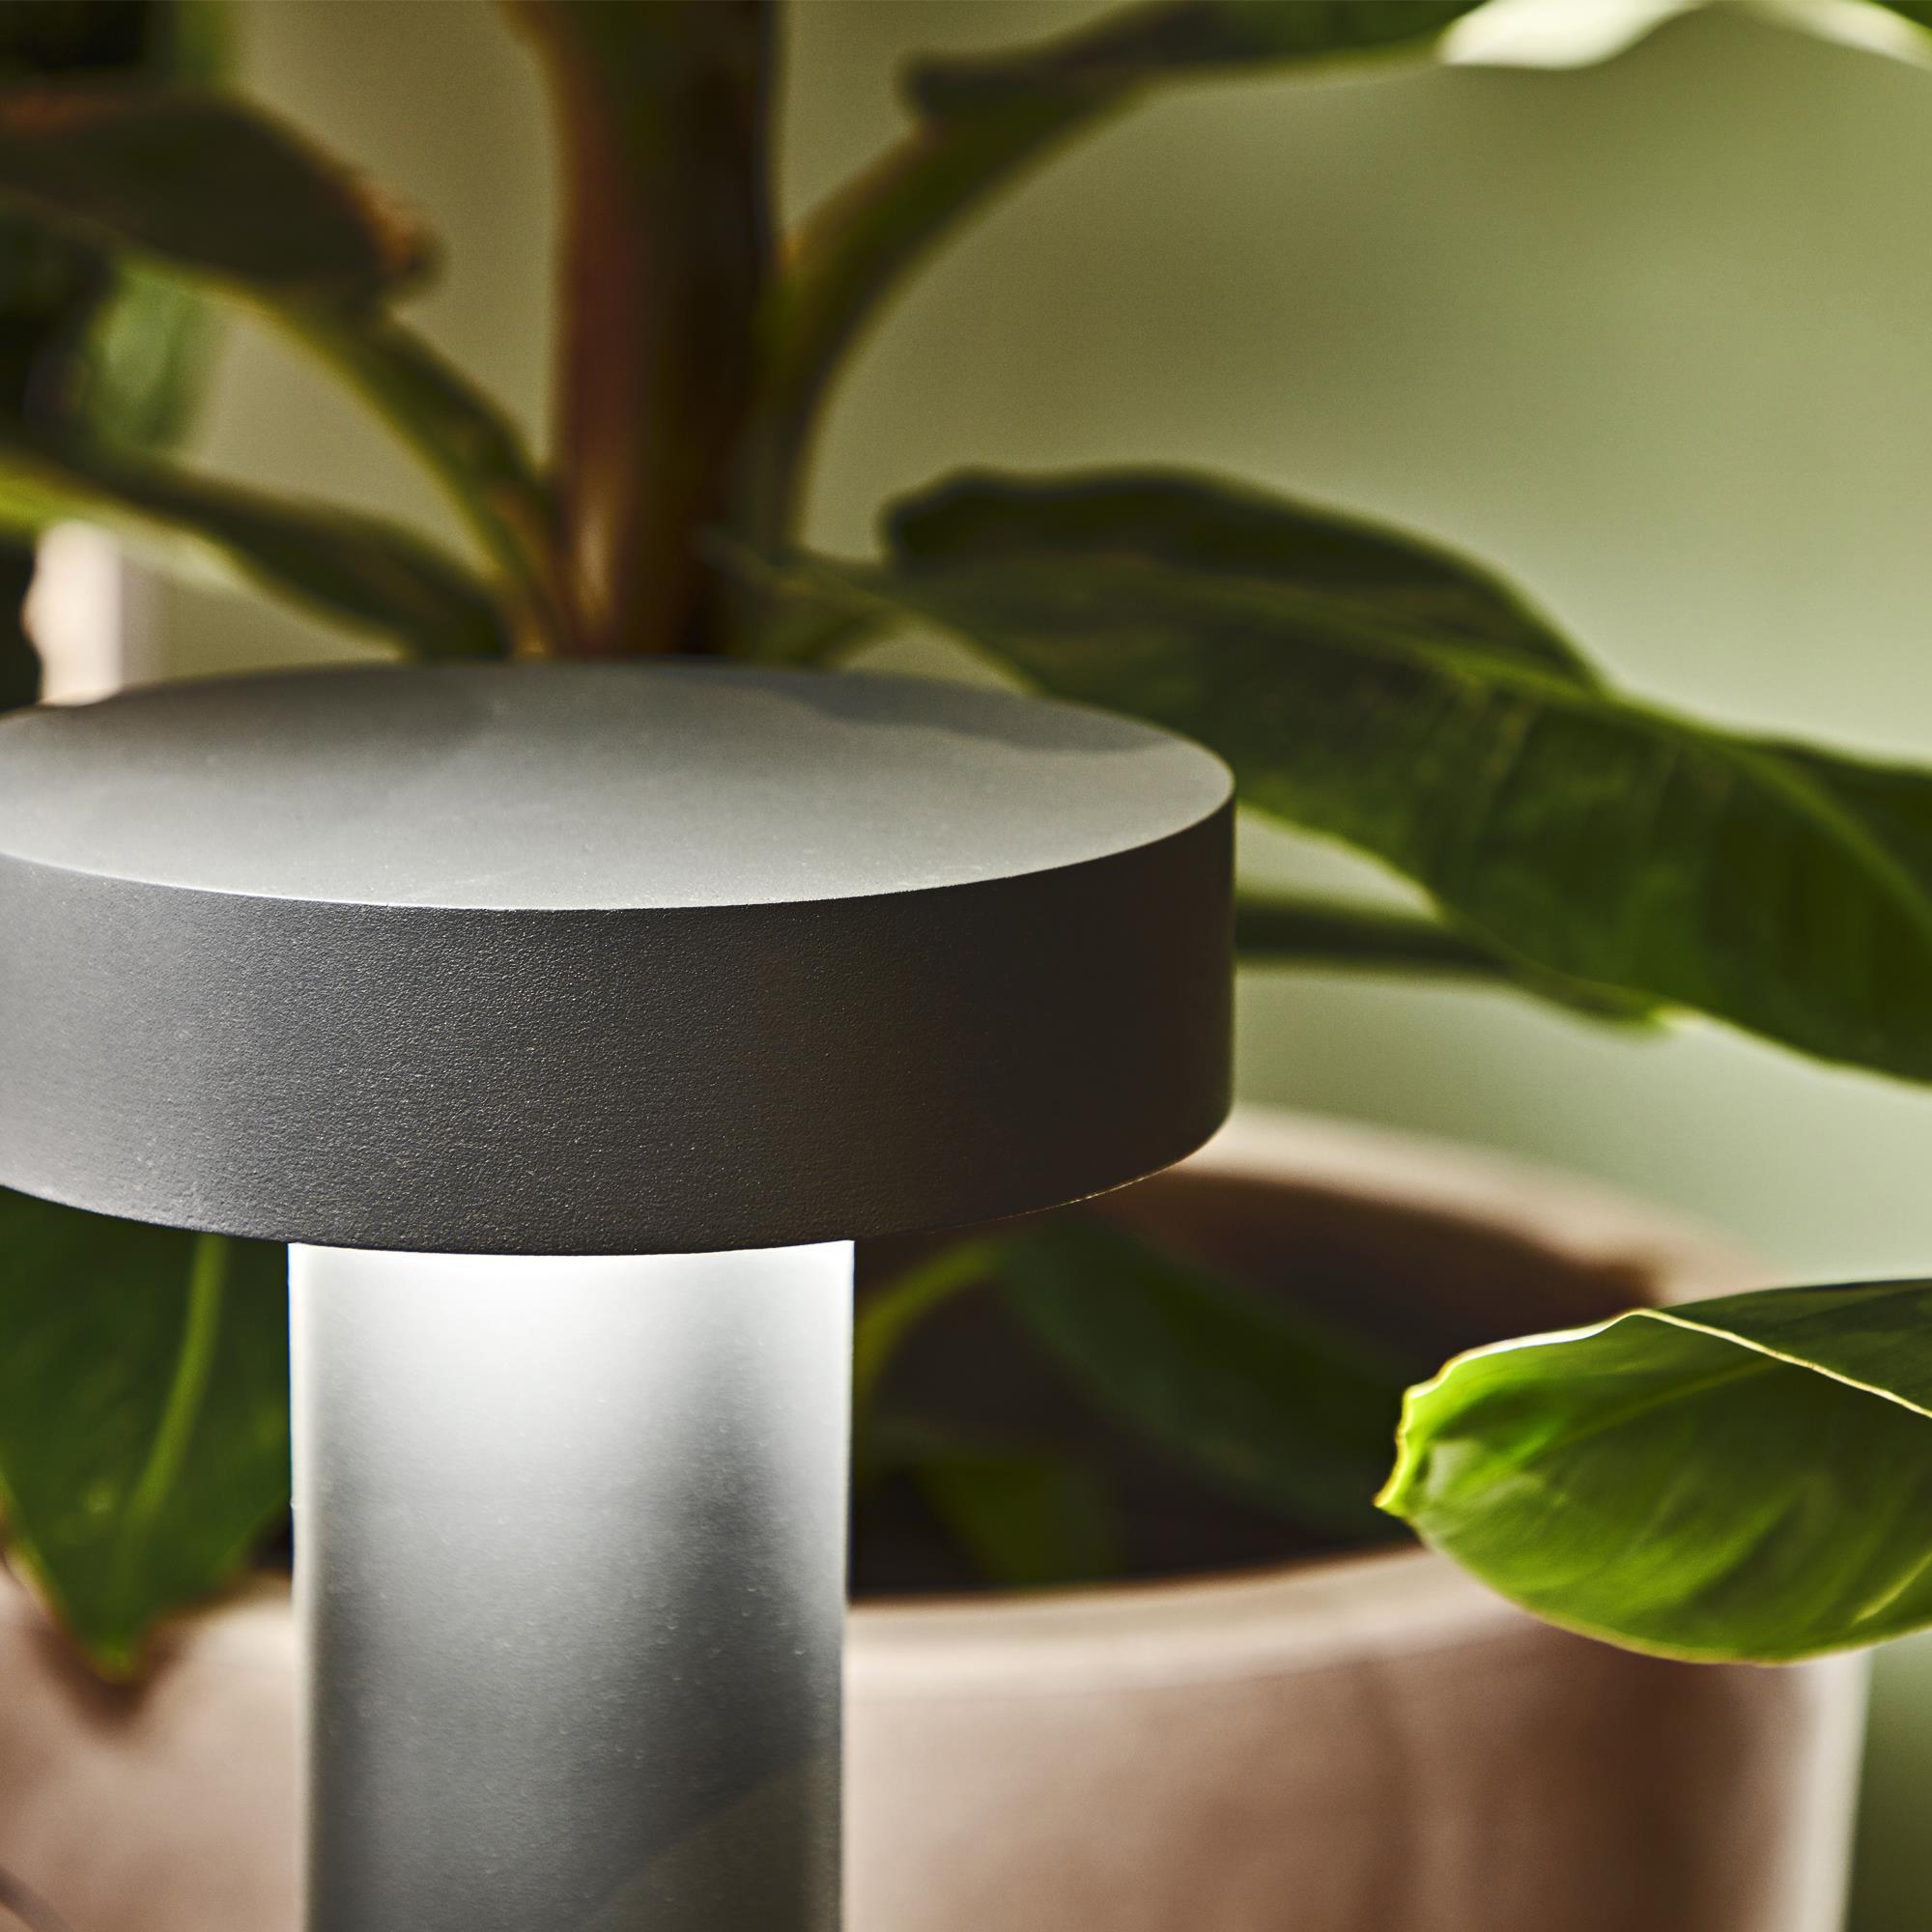 Ideal Lux 153193 TESLA PT4 SMALL ANTRACITE kültéri állólámpa